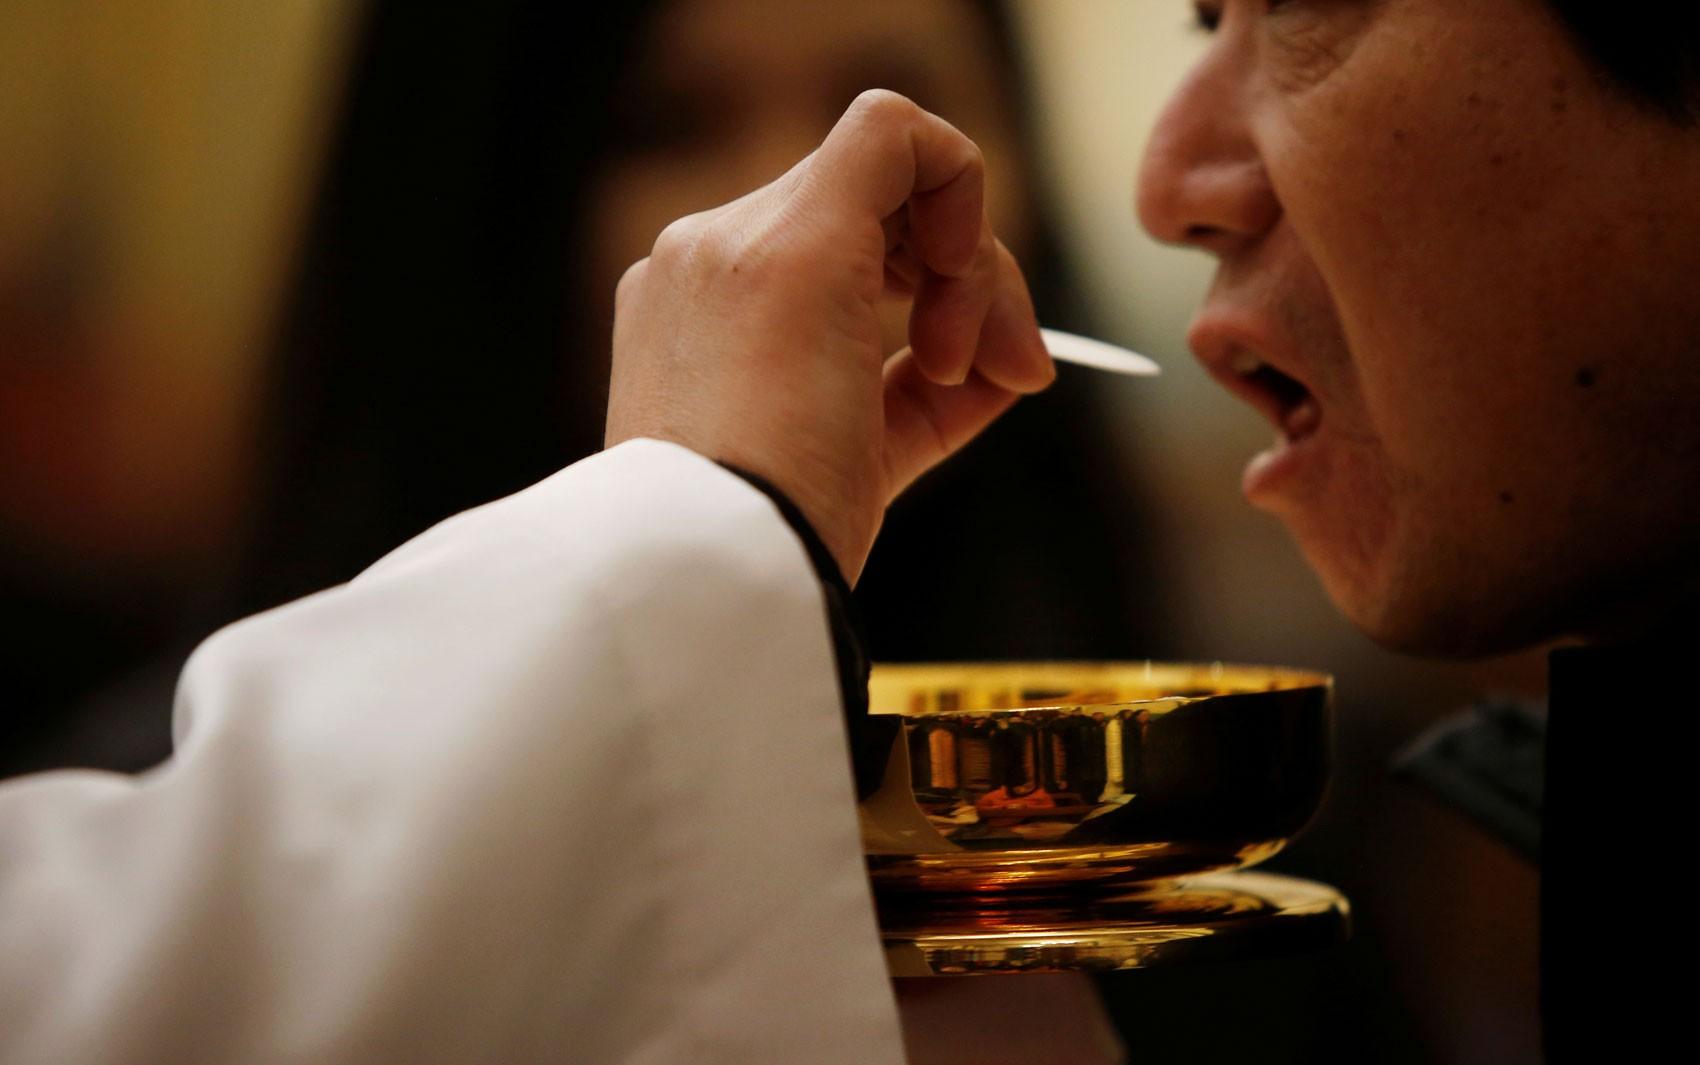 Padres darão comunhão só na mão dos fiéis em Jerusalém por medo do coronavírus